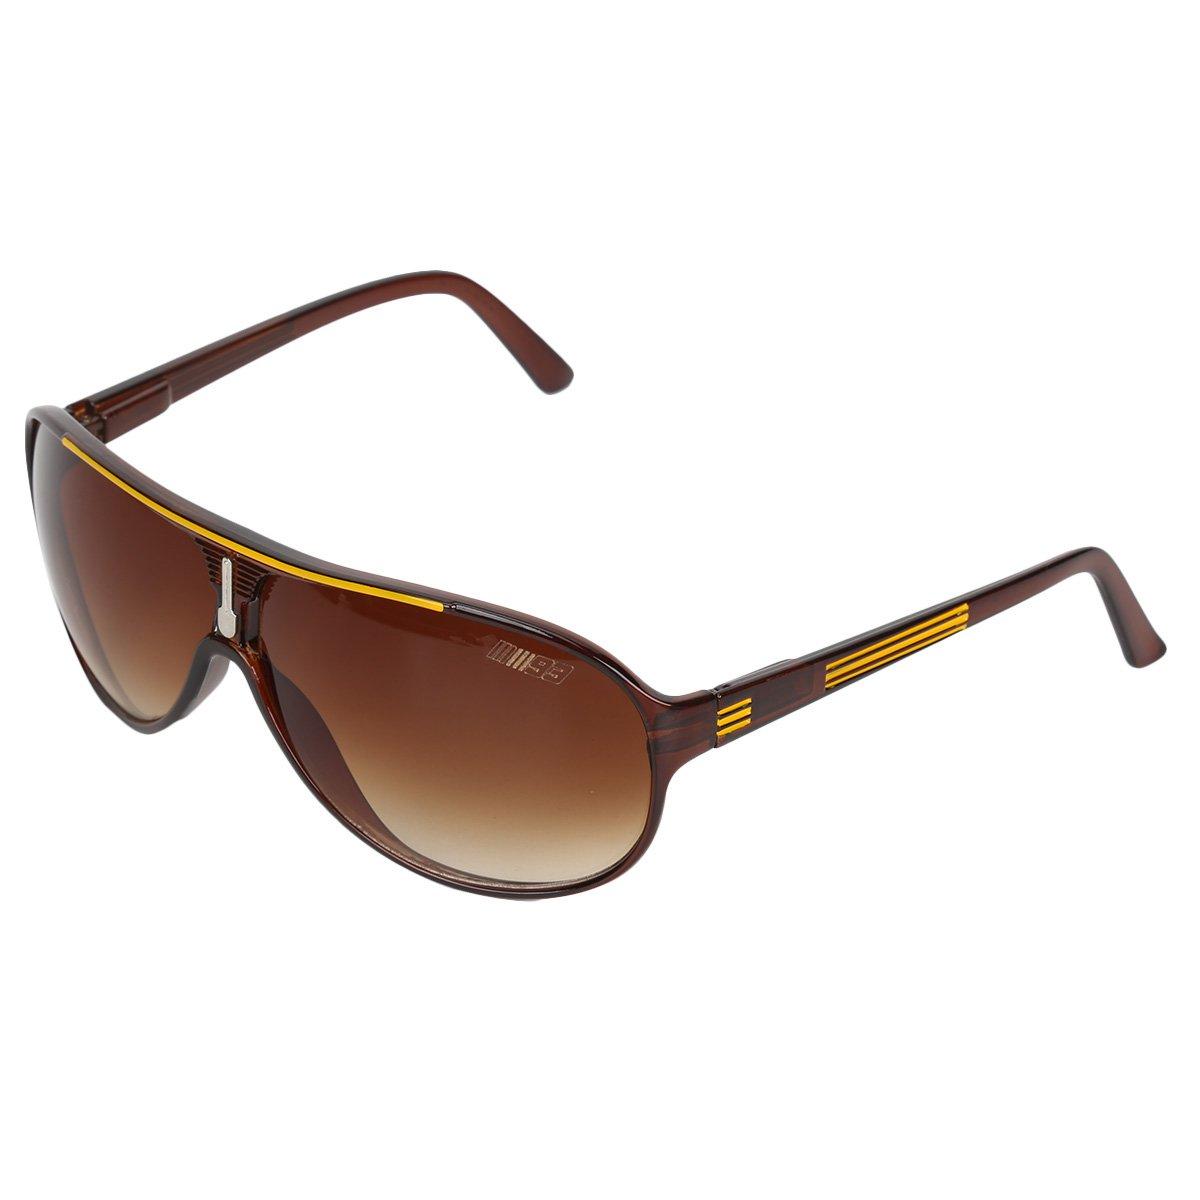 f7e1e43574bcc Óculos de Sol Moto GP Pro Carreira - Compre Agora